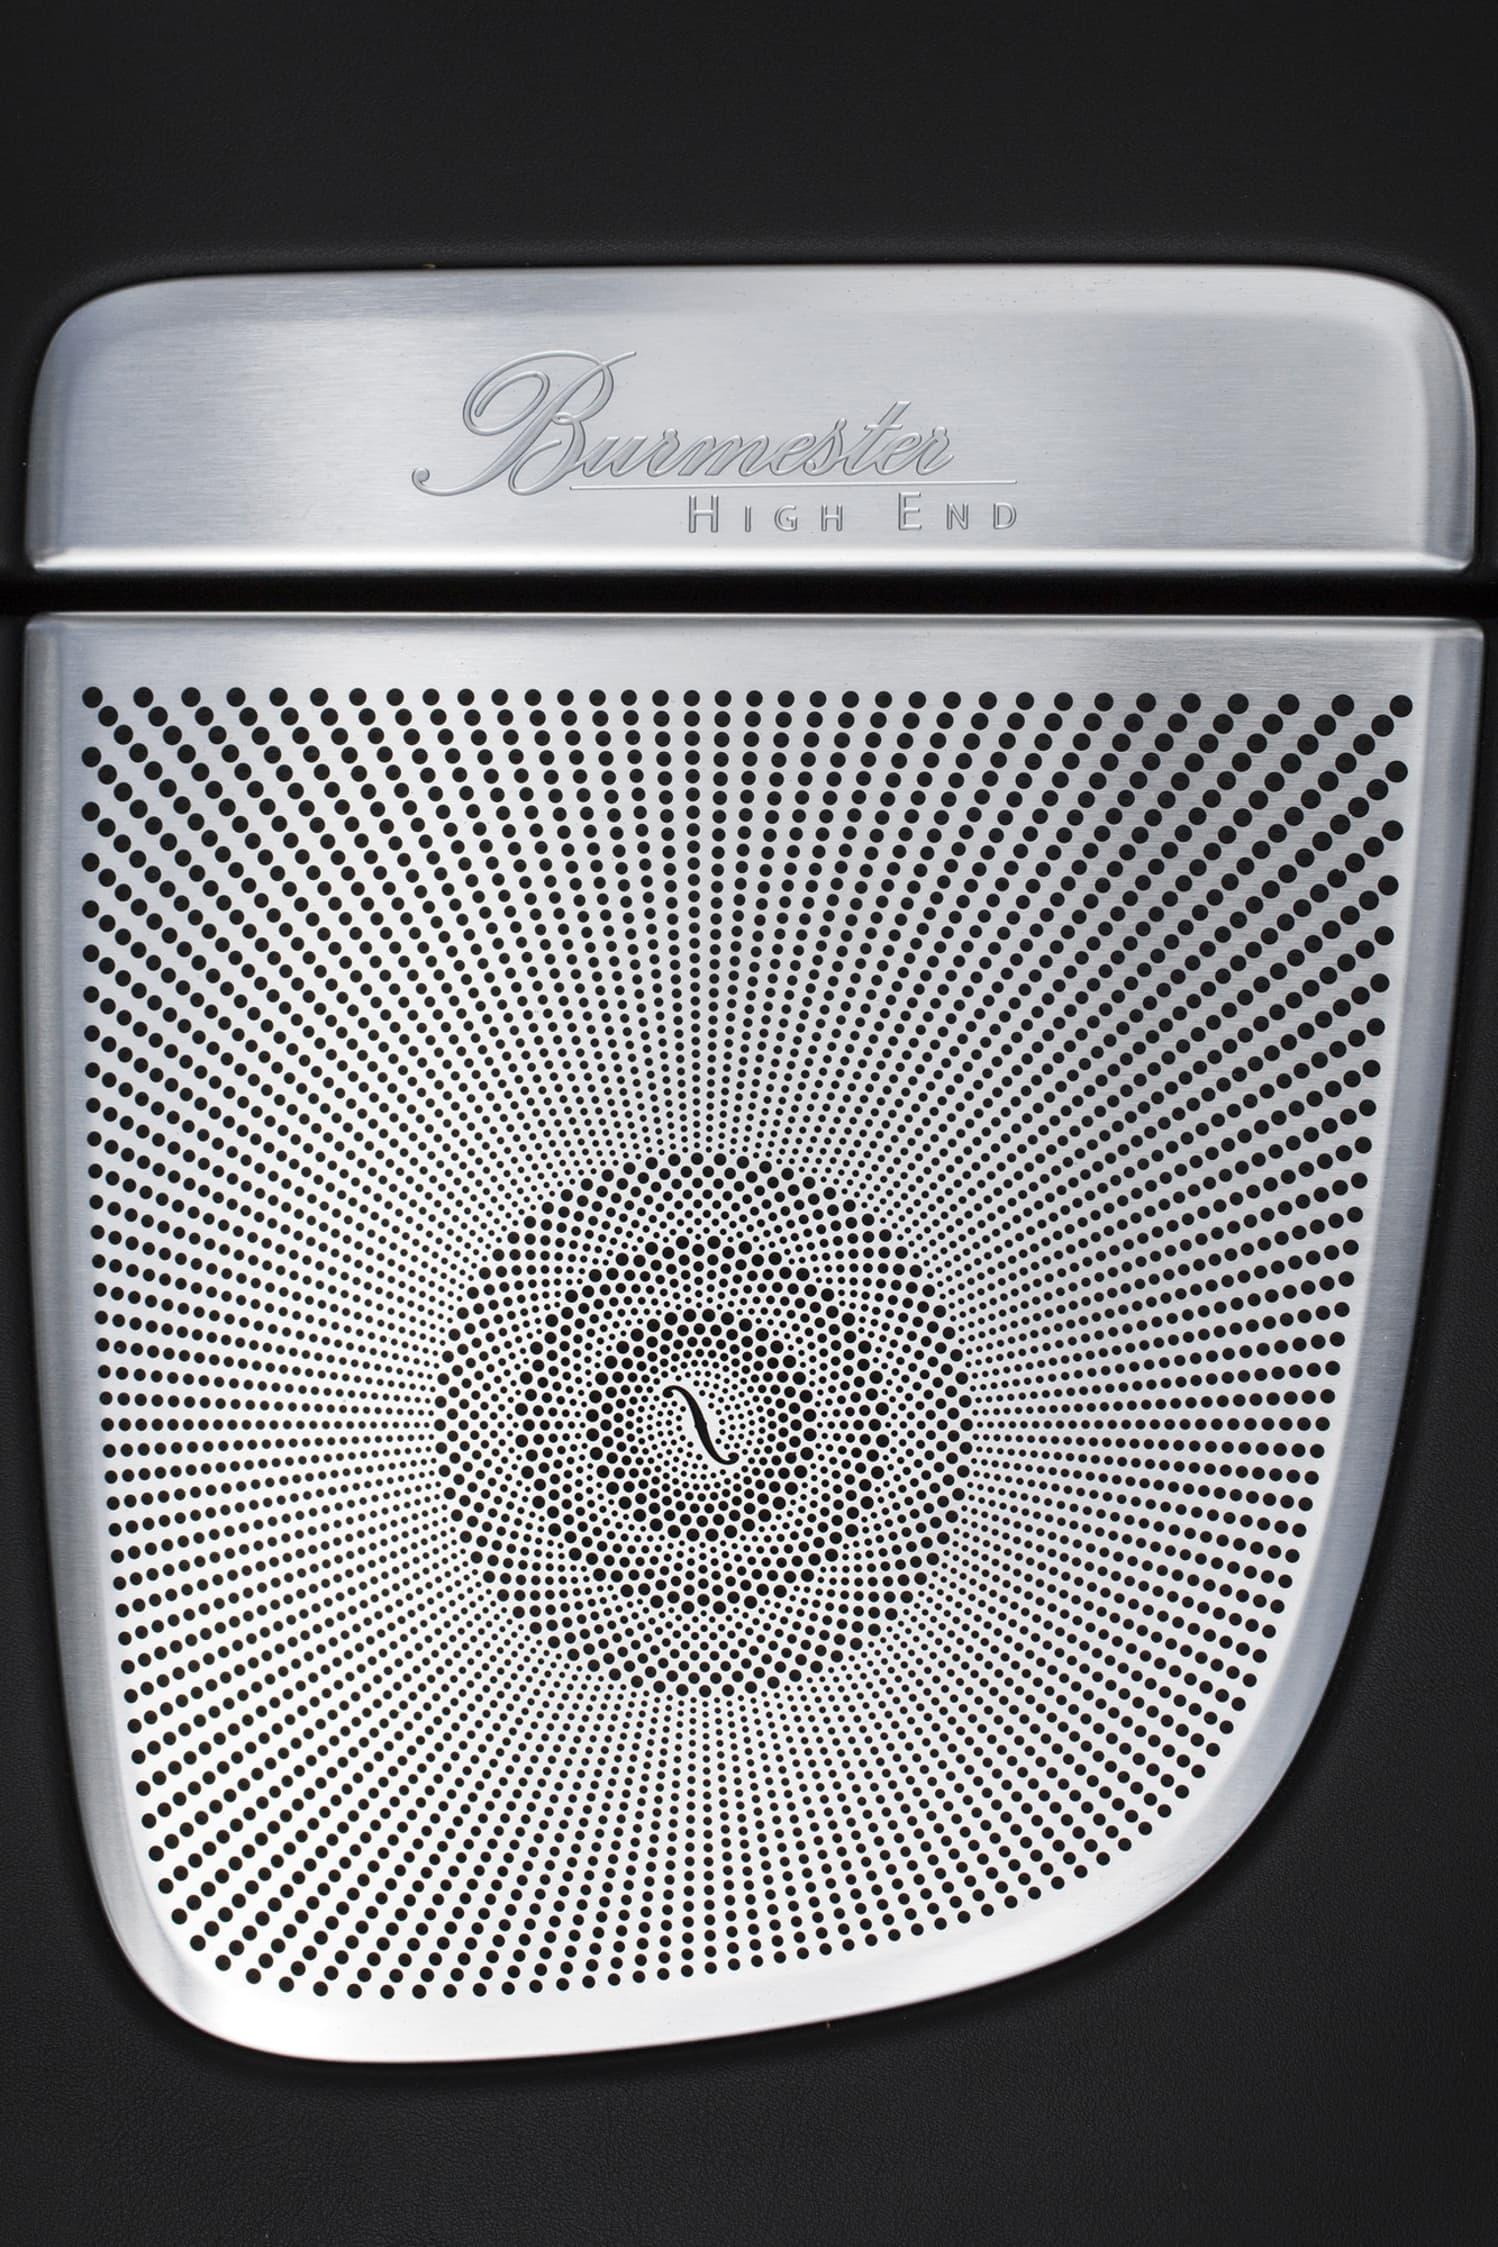 Ljudet från de 24 högtalarna i Burmester-systemet är en fulländat.